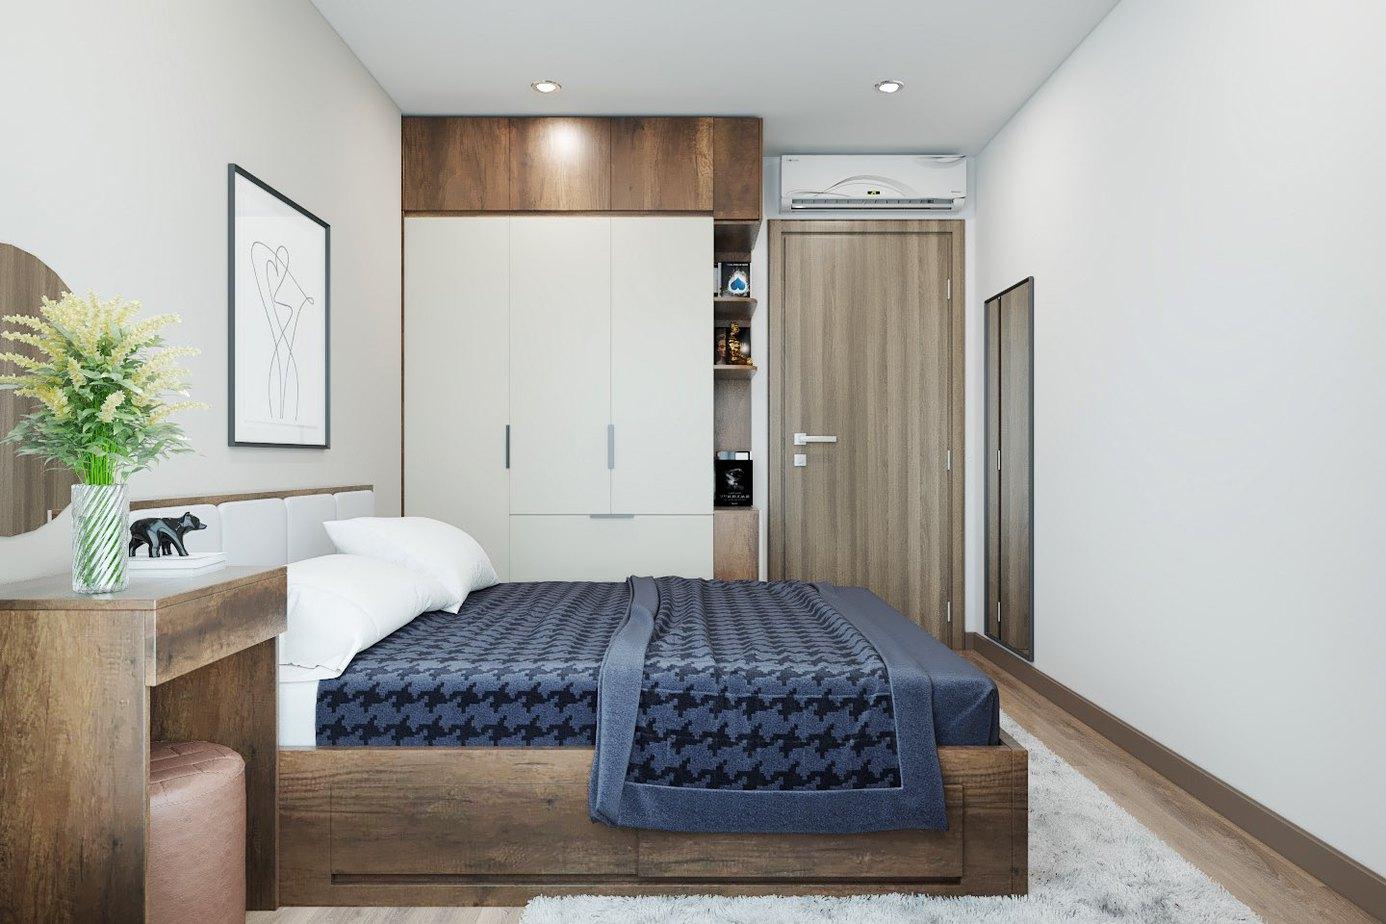 Ô lưu trữ được tích hợp, thiết kế giấu trong gầm giường giúp tăng tính tiện ích và tiết kiệm diện tích hơn. Khi dùng, chỉ cần kéo ra là có ô lưu trữ đầy tiện dụng